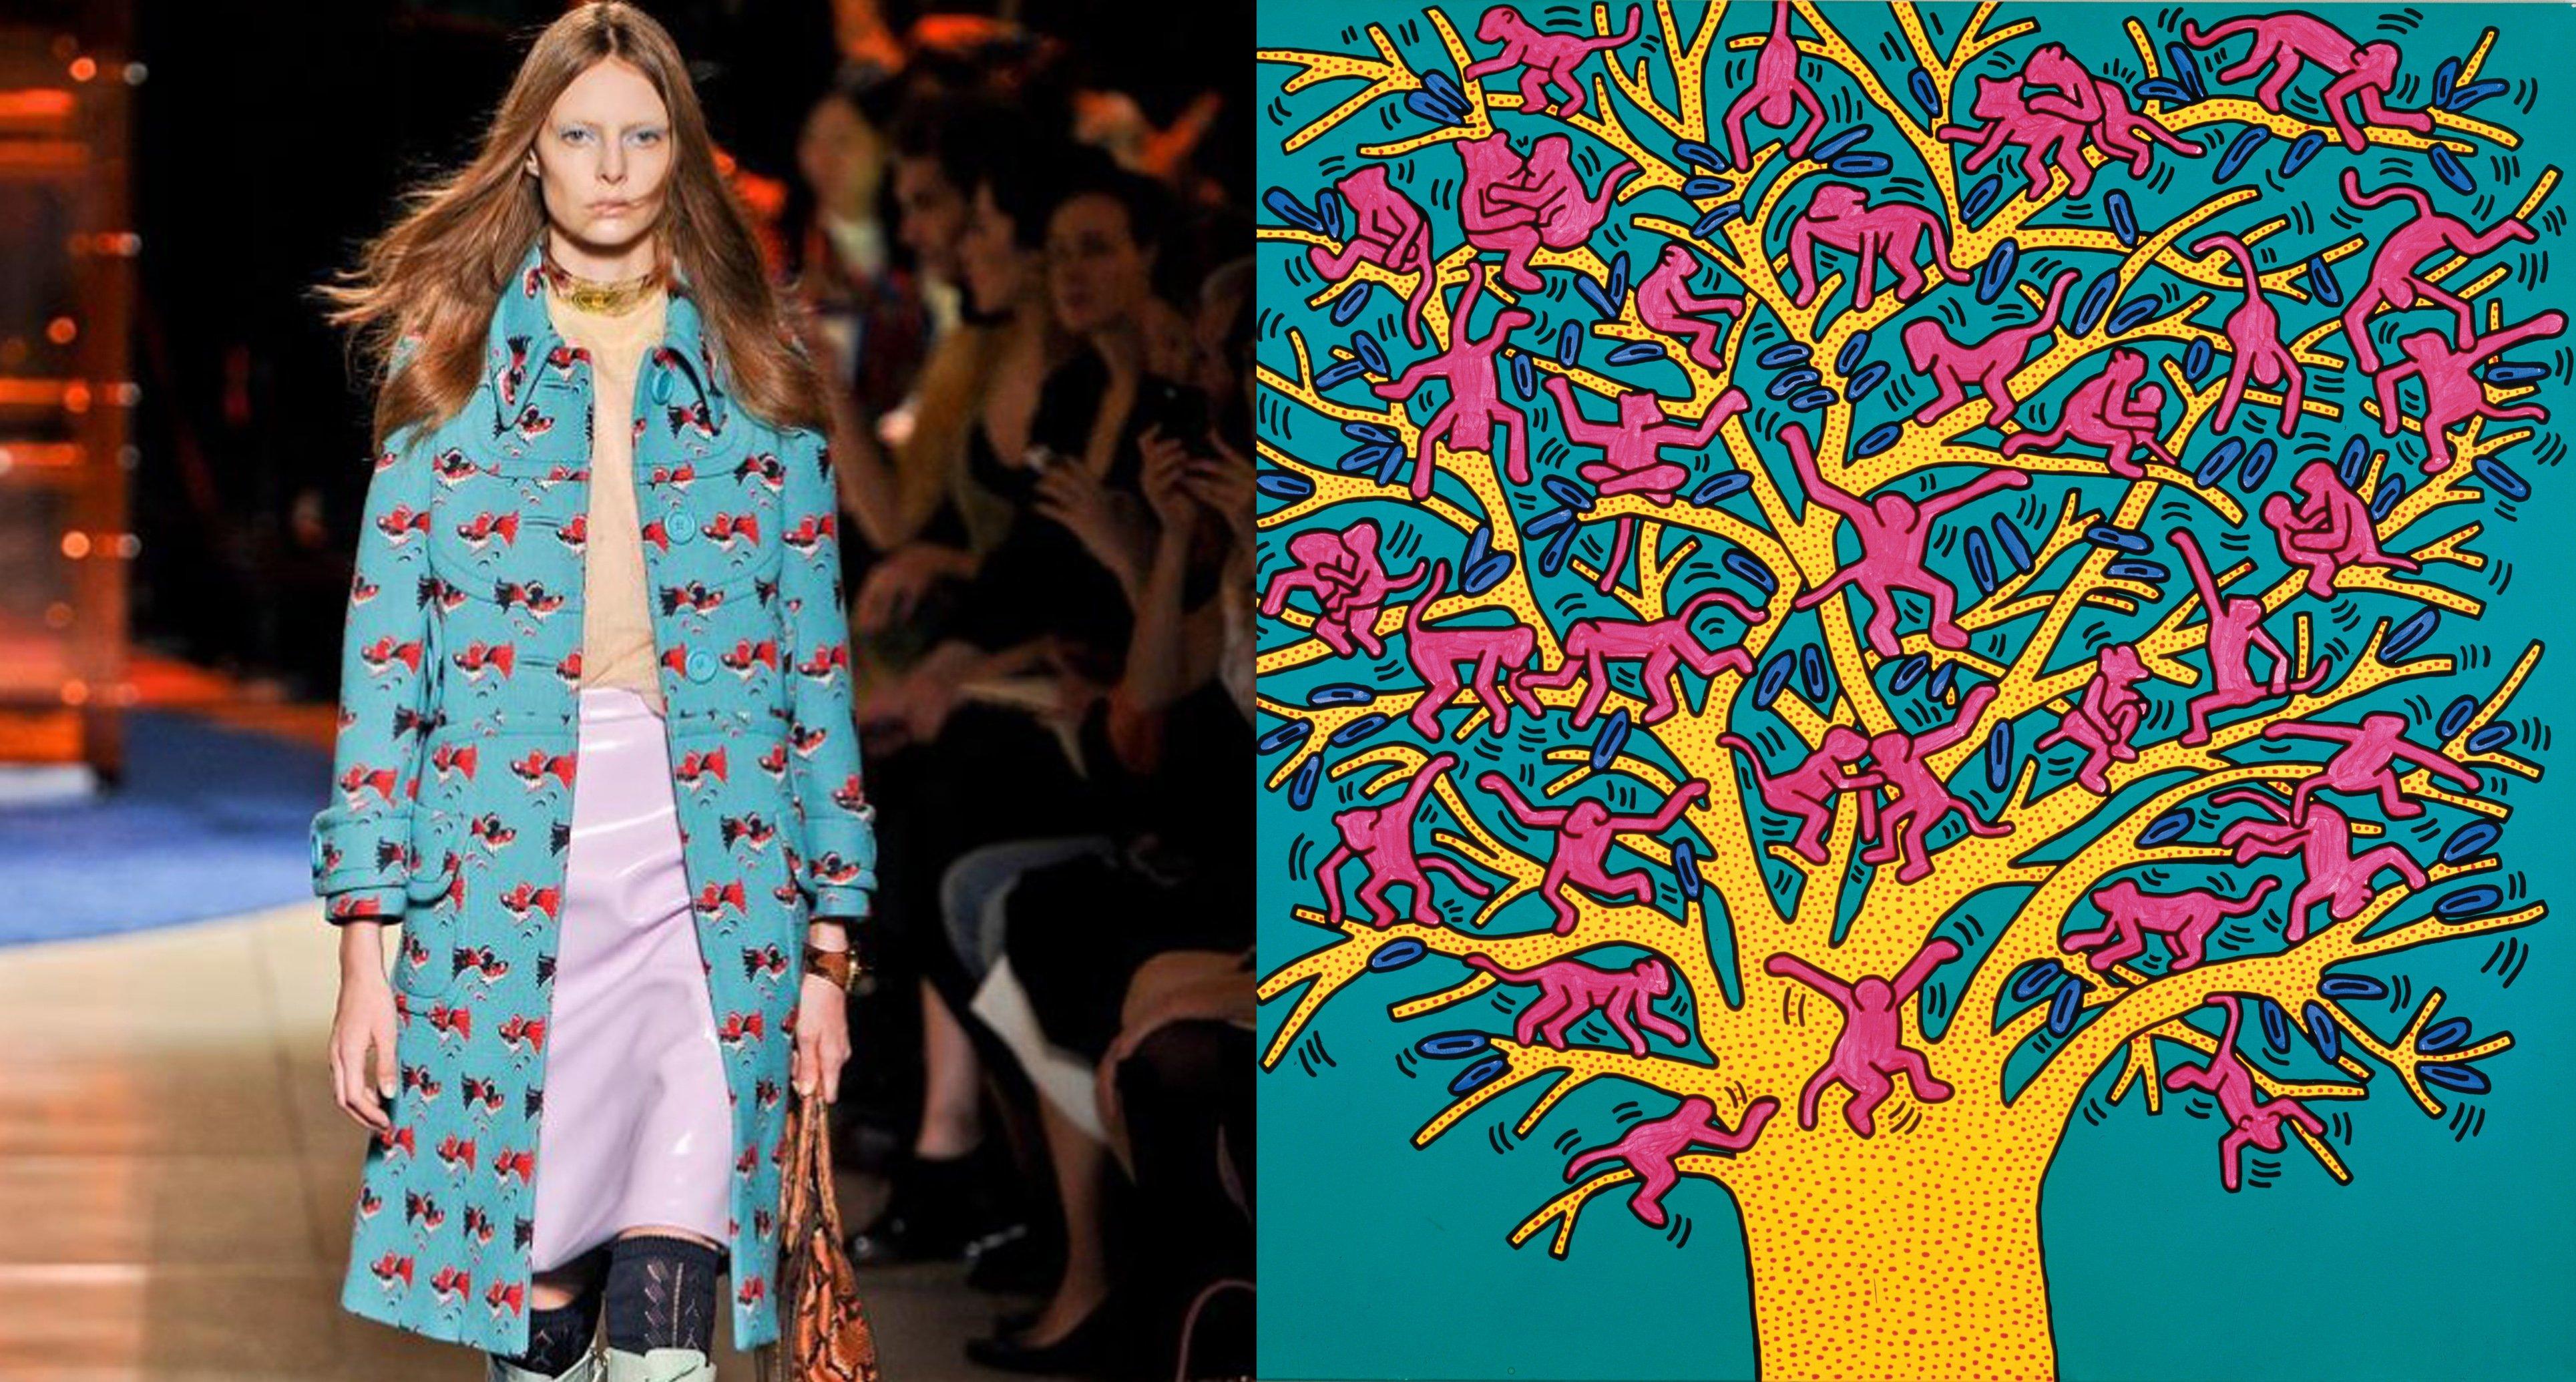 11.-Keith-Haring copia